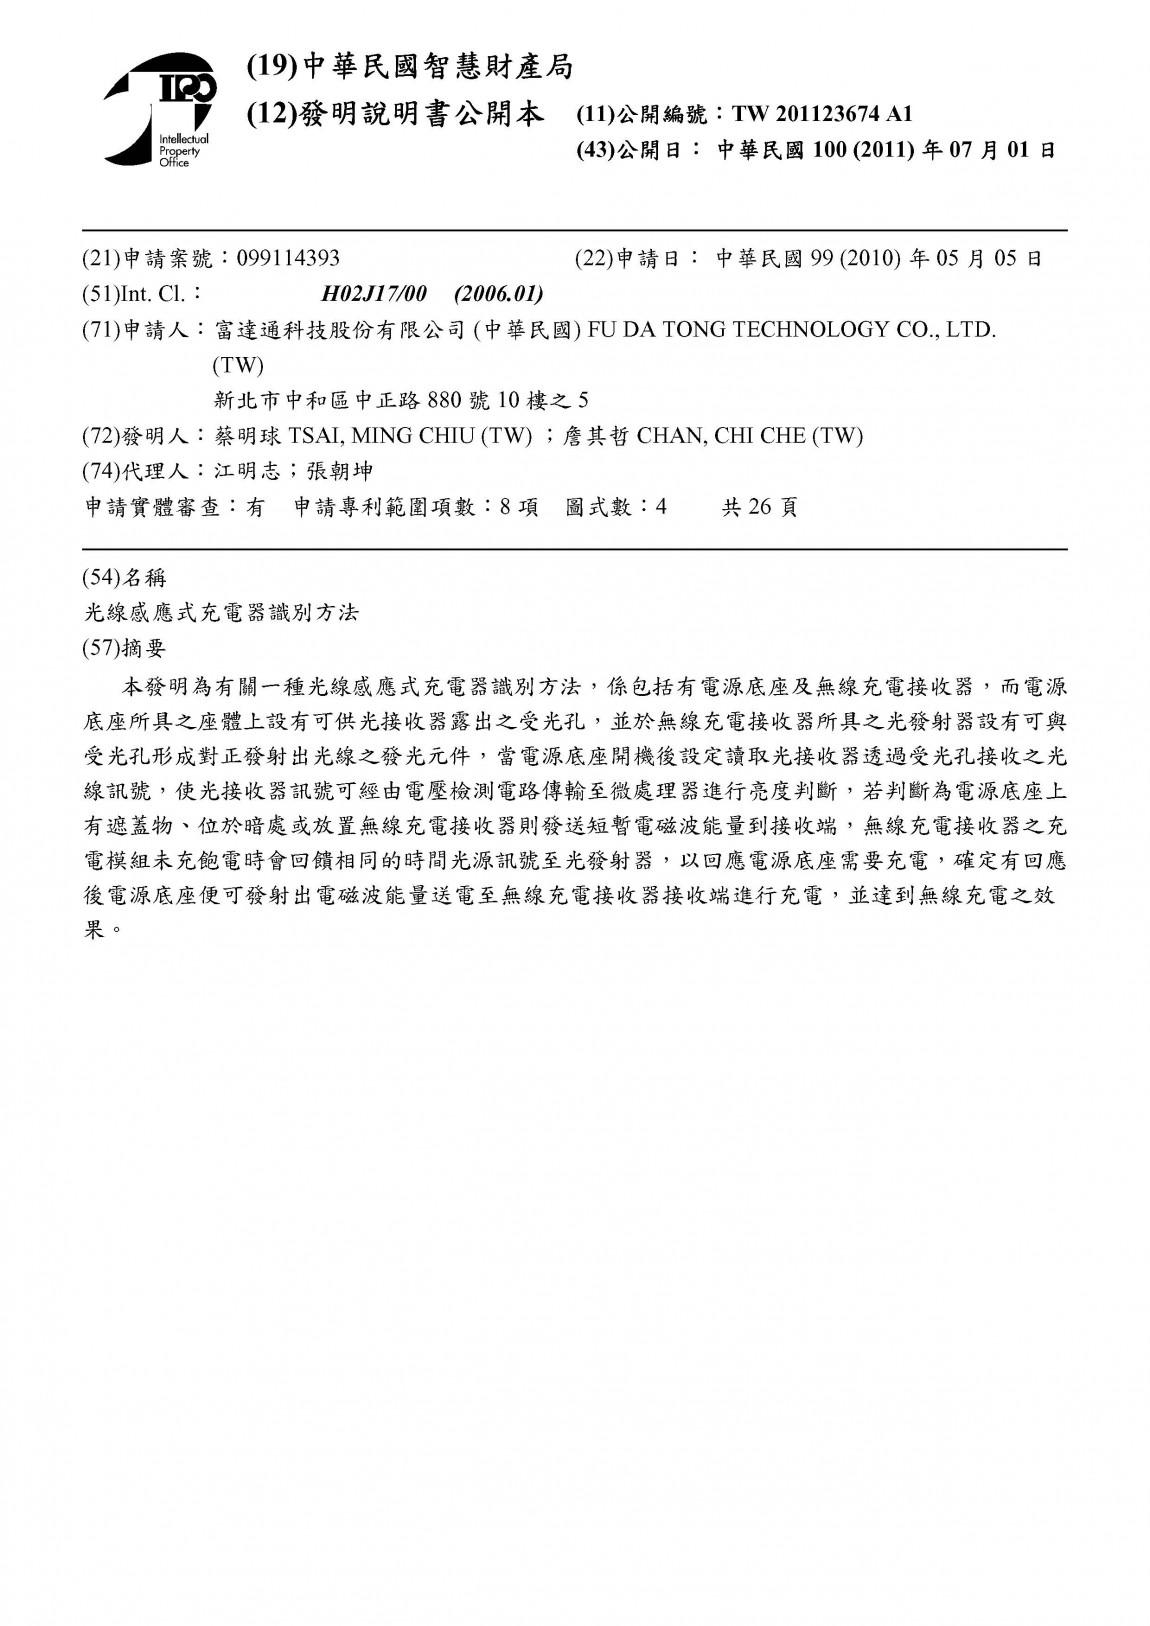 富達通專利06-光線感應式充電器識別方法(台灣)201123674